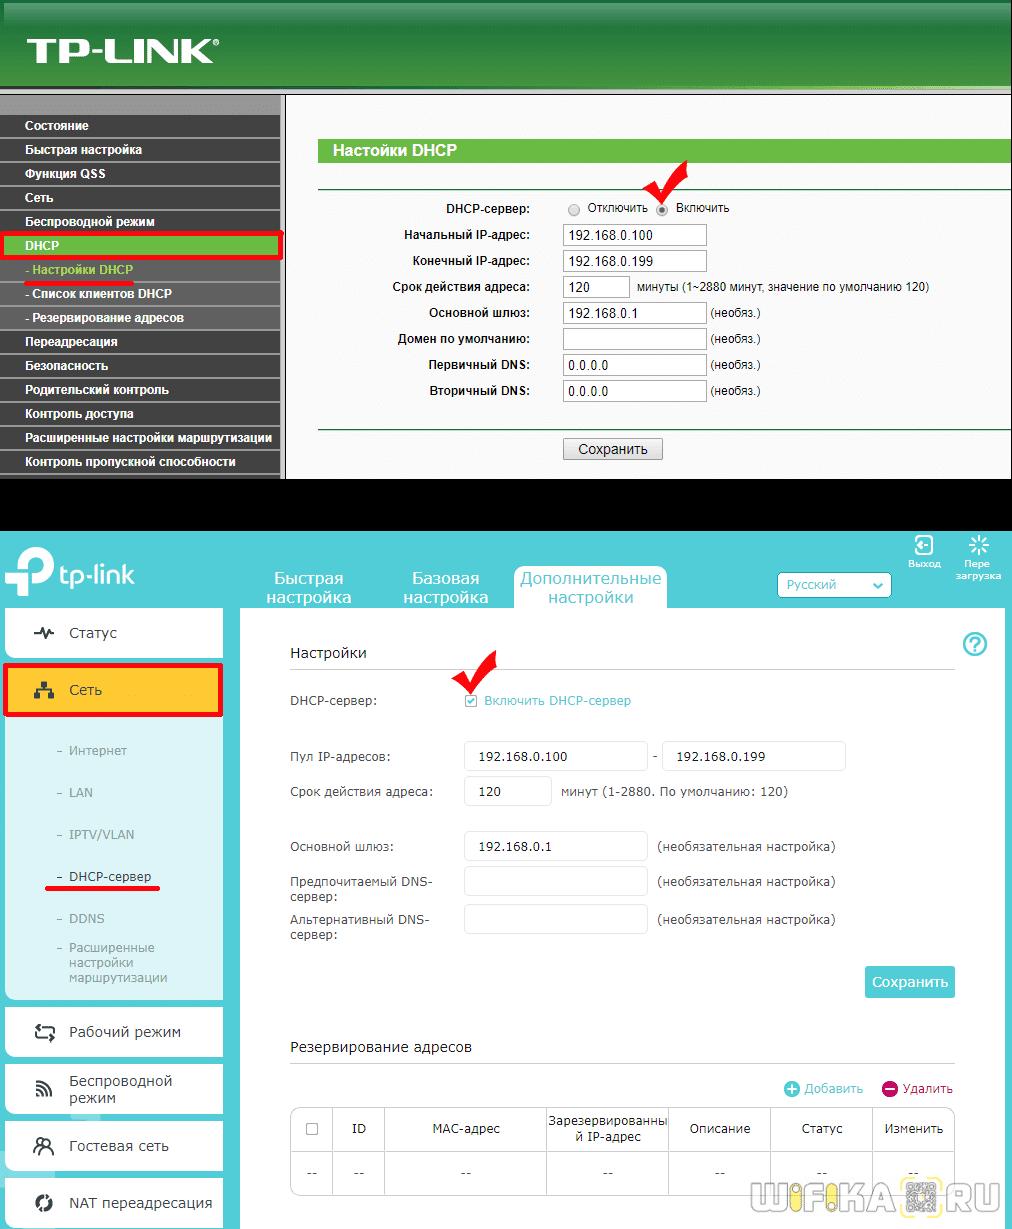 dhcp сервер на роутере tp-link